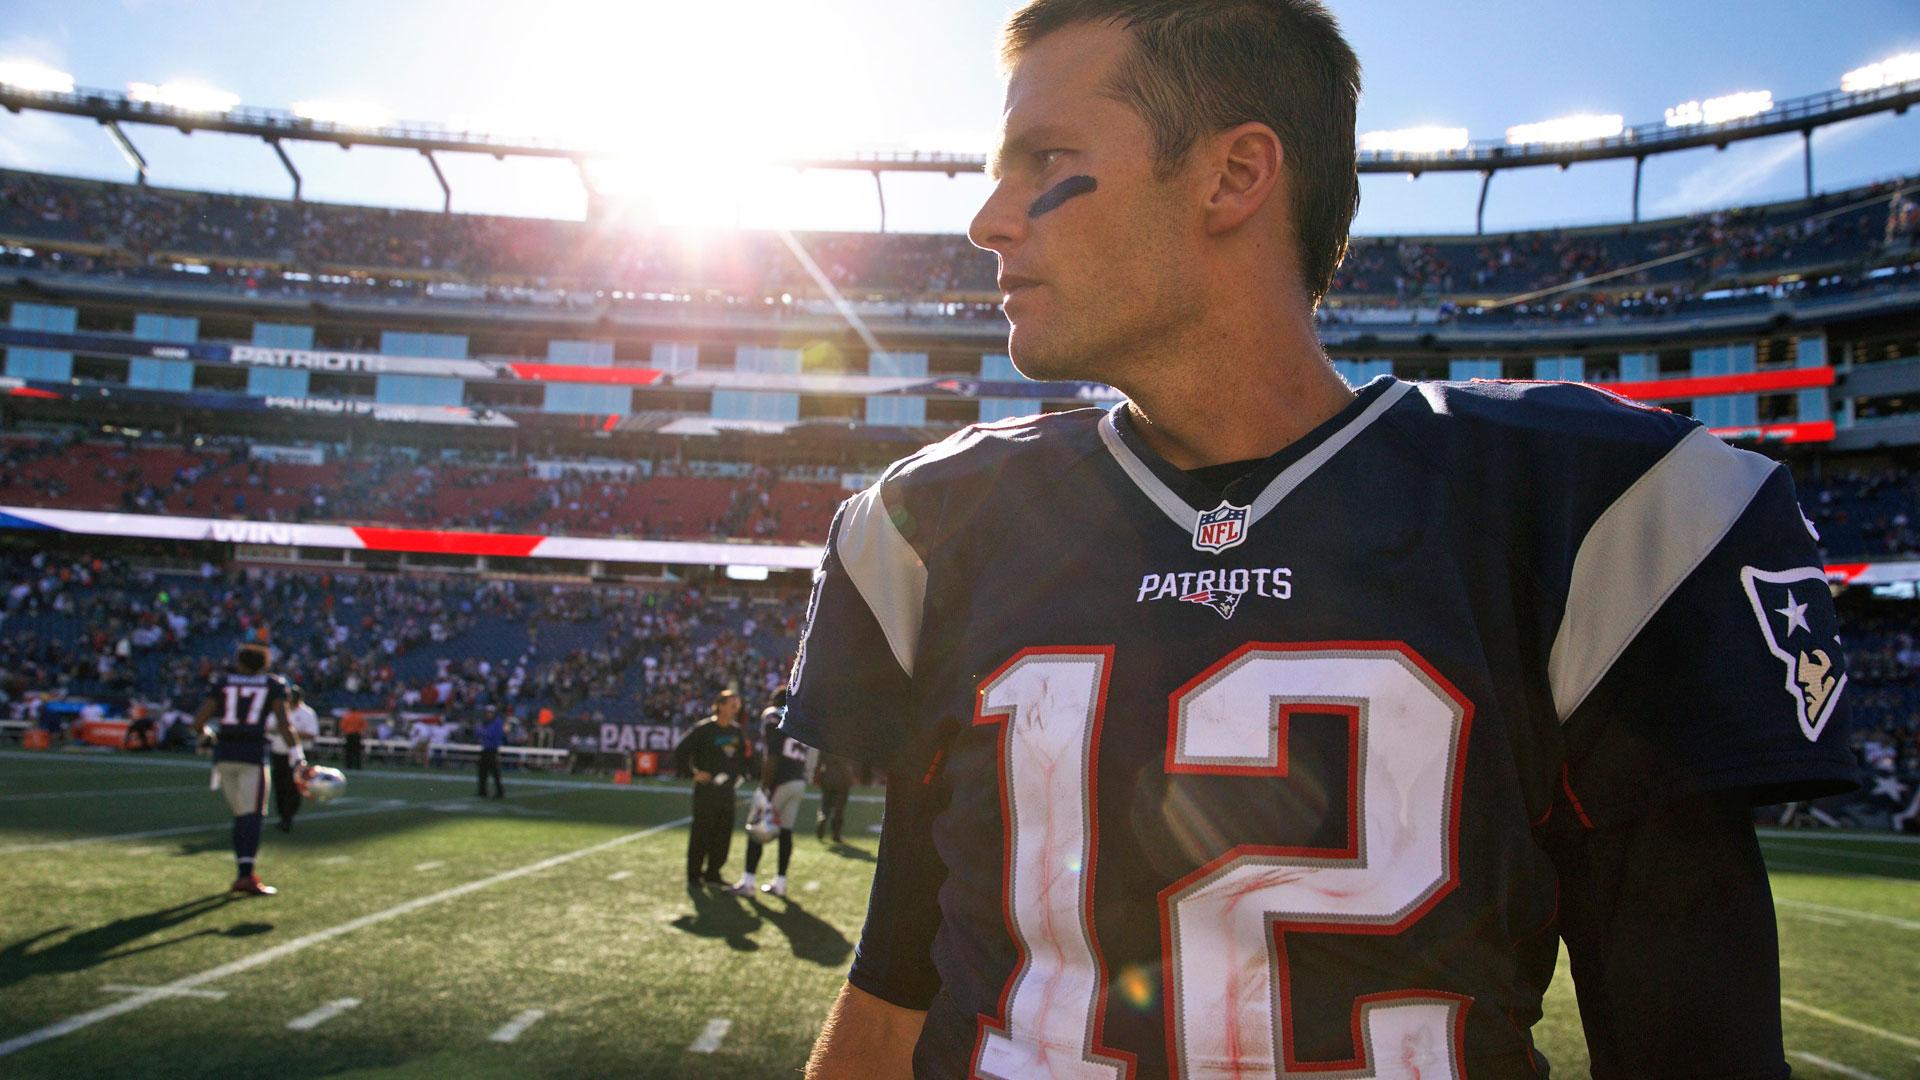 La fortuna de Tom Brady: cuánto gana y en qué gasta su dinero ...